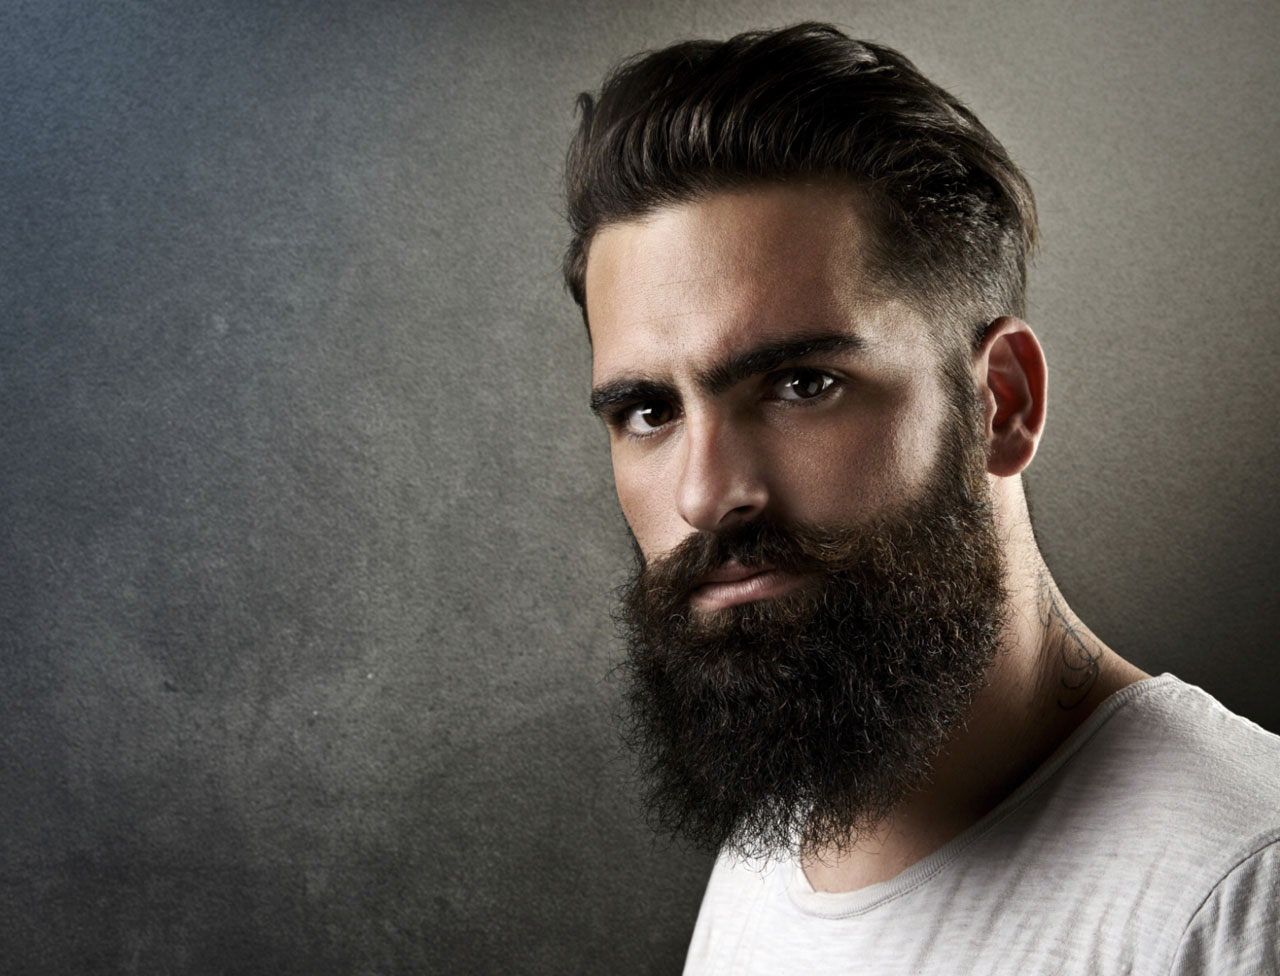 barbe diff rents moyens de la porter pour tre au top. Black Bedroom Furniture Sets. Home Design Ideas